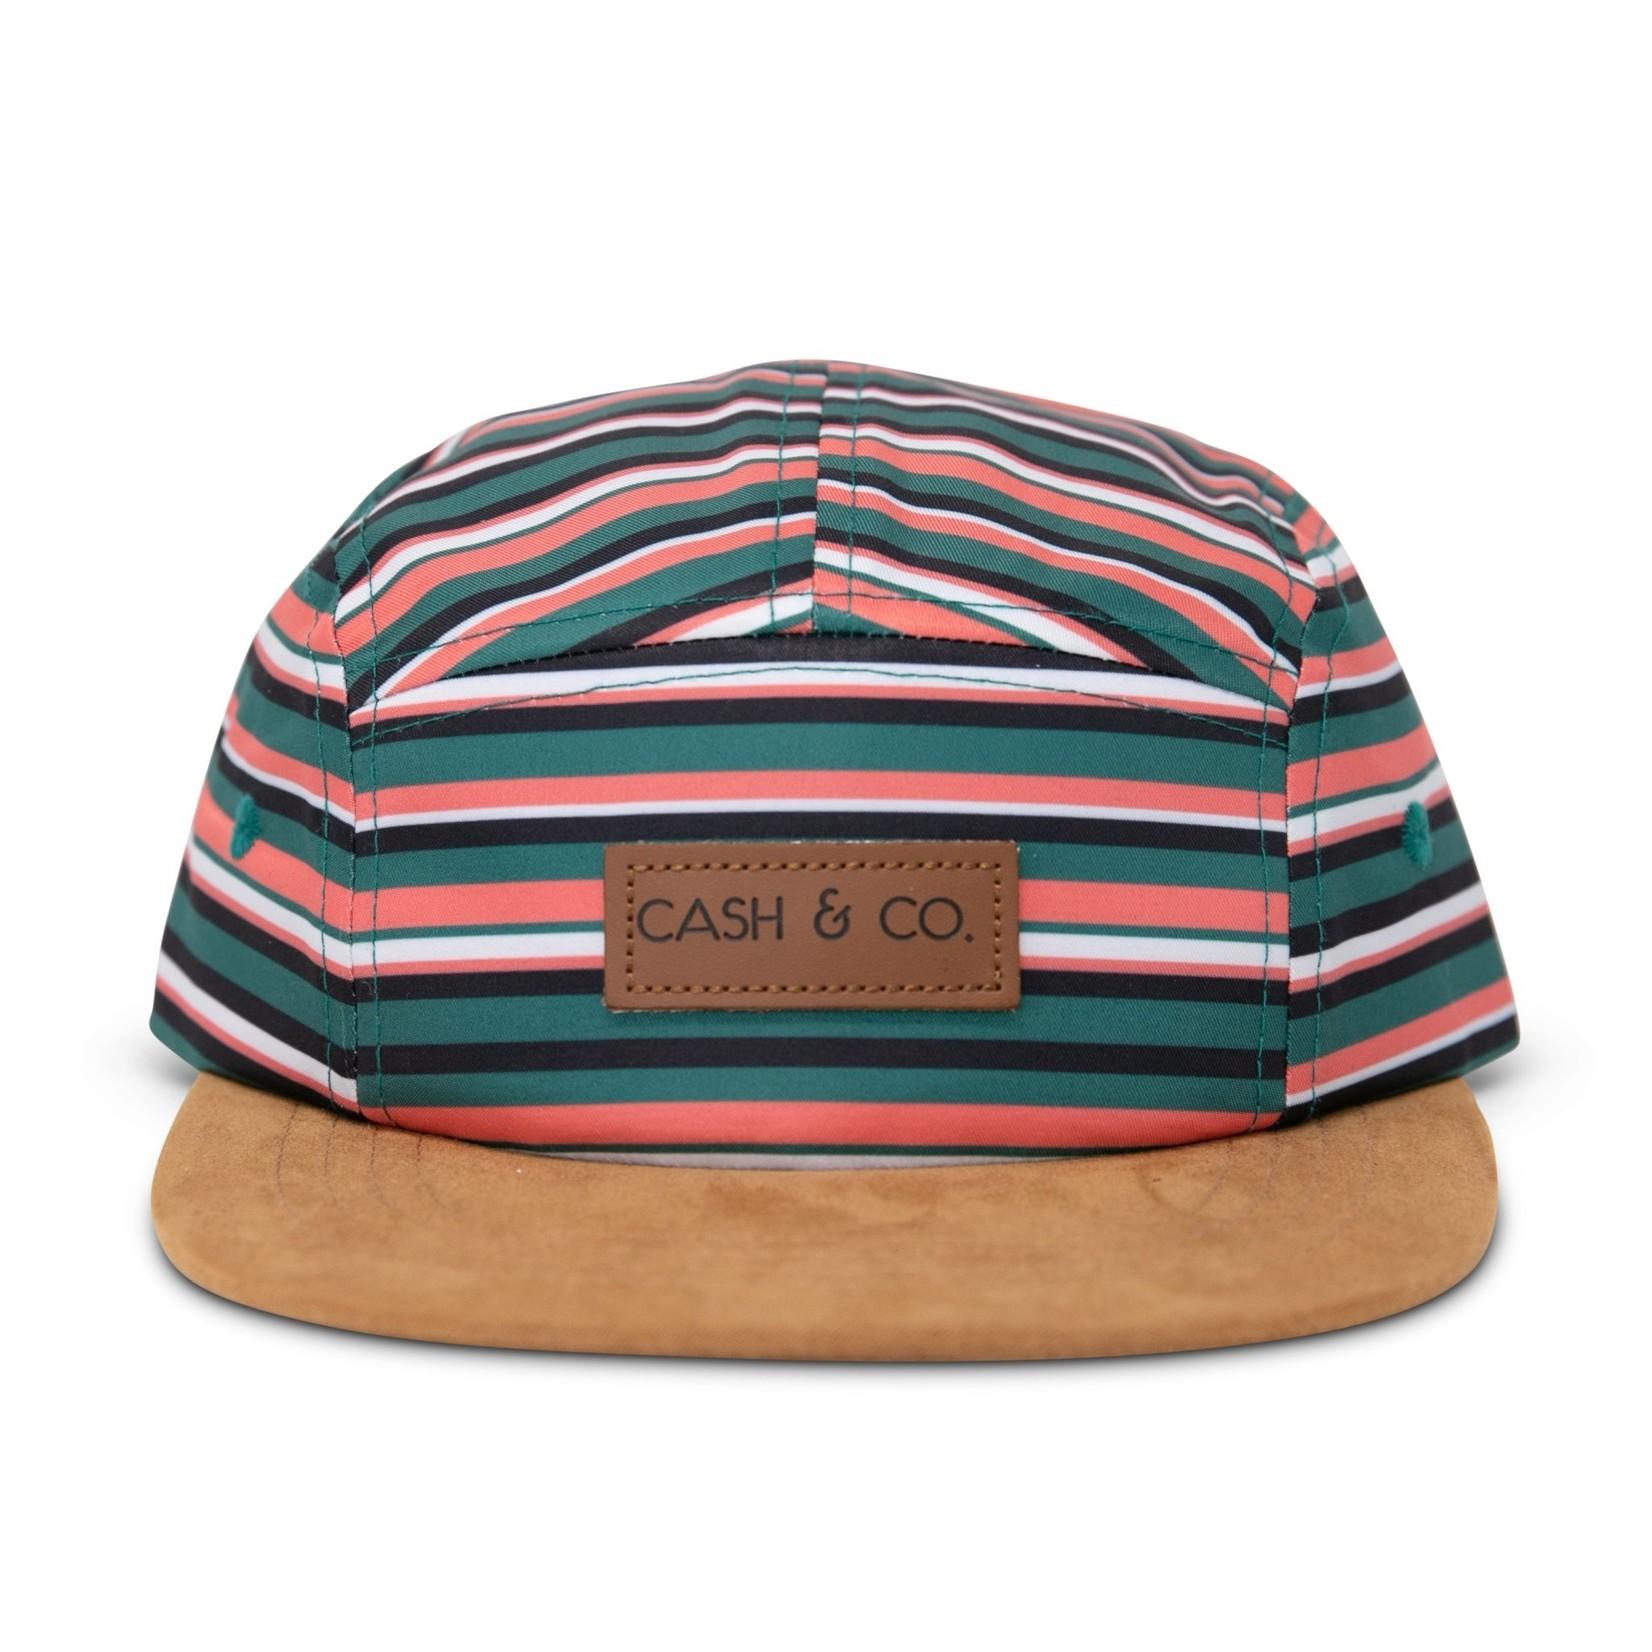 Cash & Co Juicy Fruit Hat